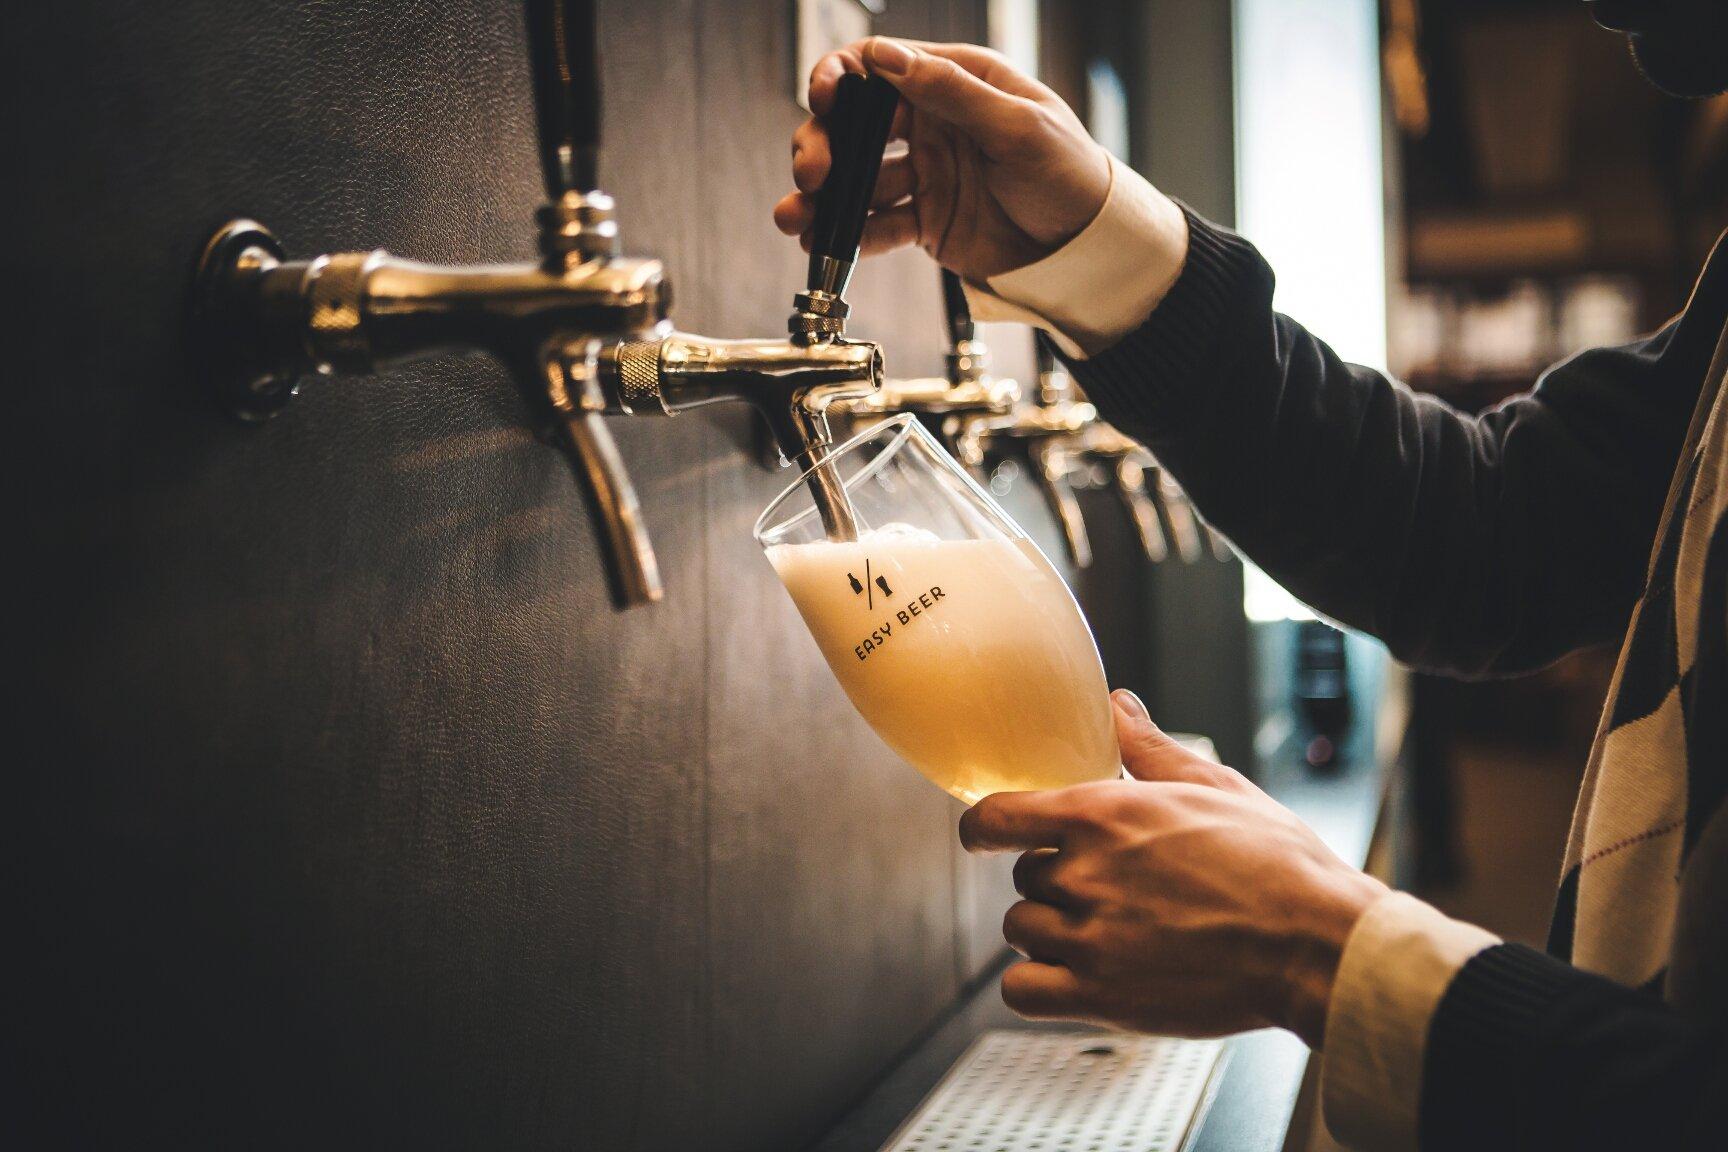 Easy Beer önkiszolgáló sör- és italbár